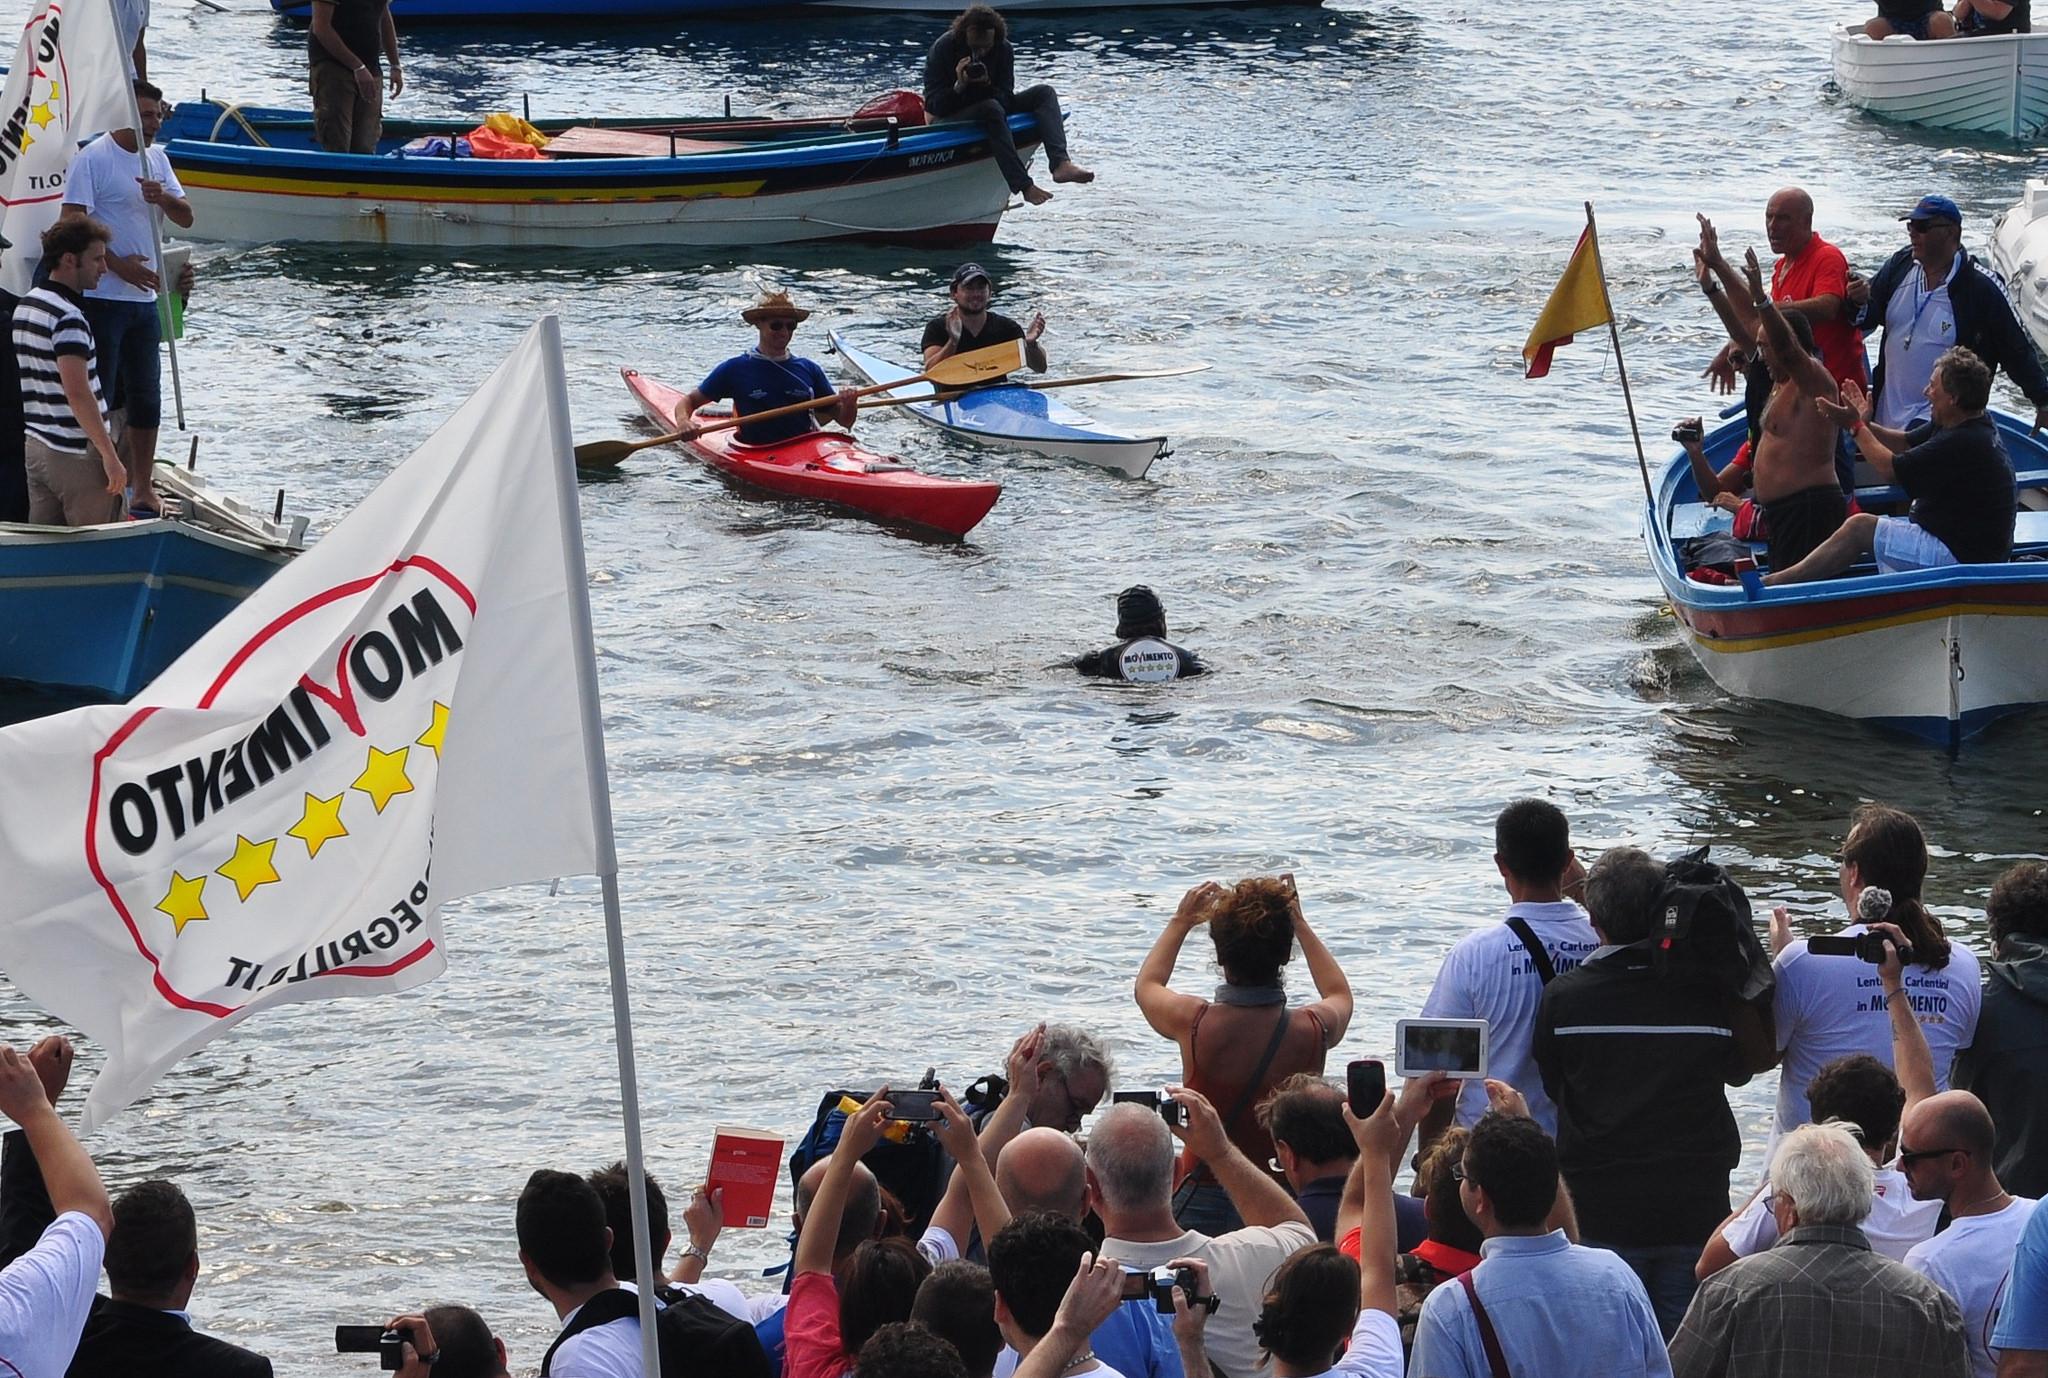 Beppe Grillo mentre attraversa a nuoto lo stretto di Messina nel 2012. Foto da Flickr/ pasere